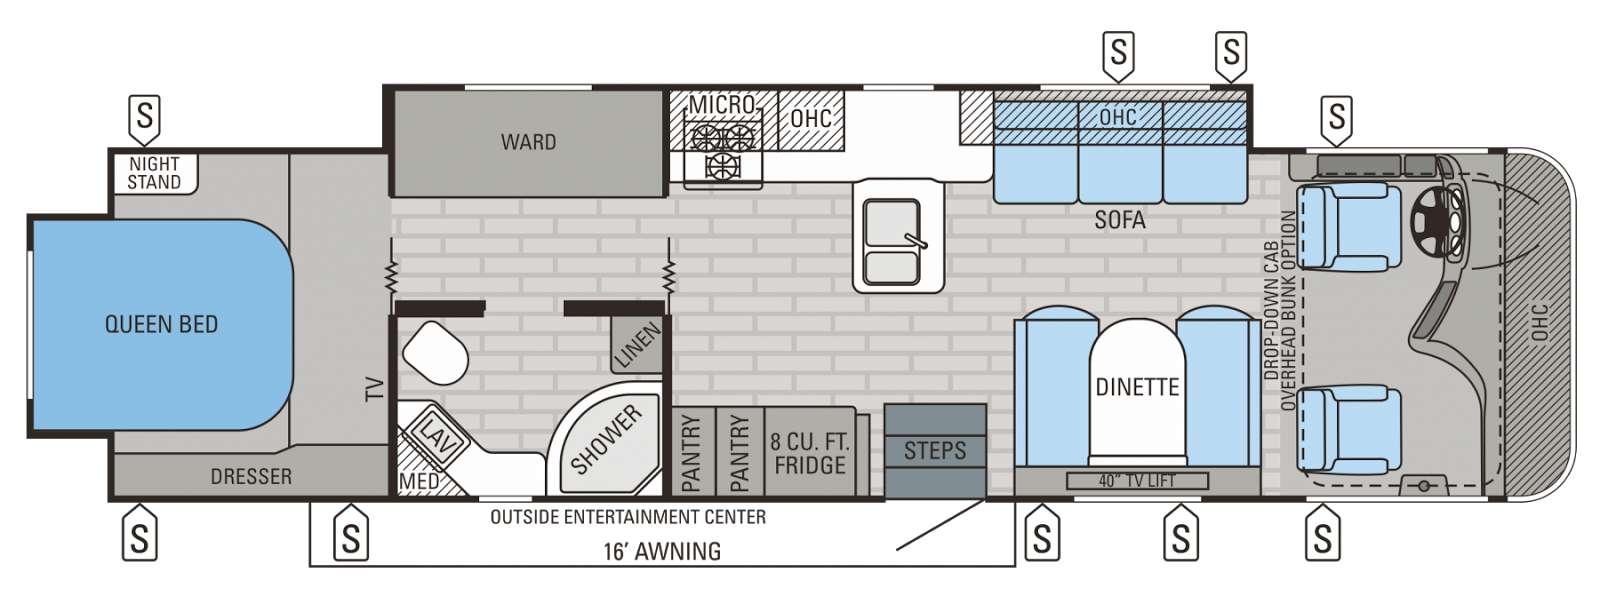 Nw Rventure The Jayco Precept Has New Floor Plans